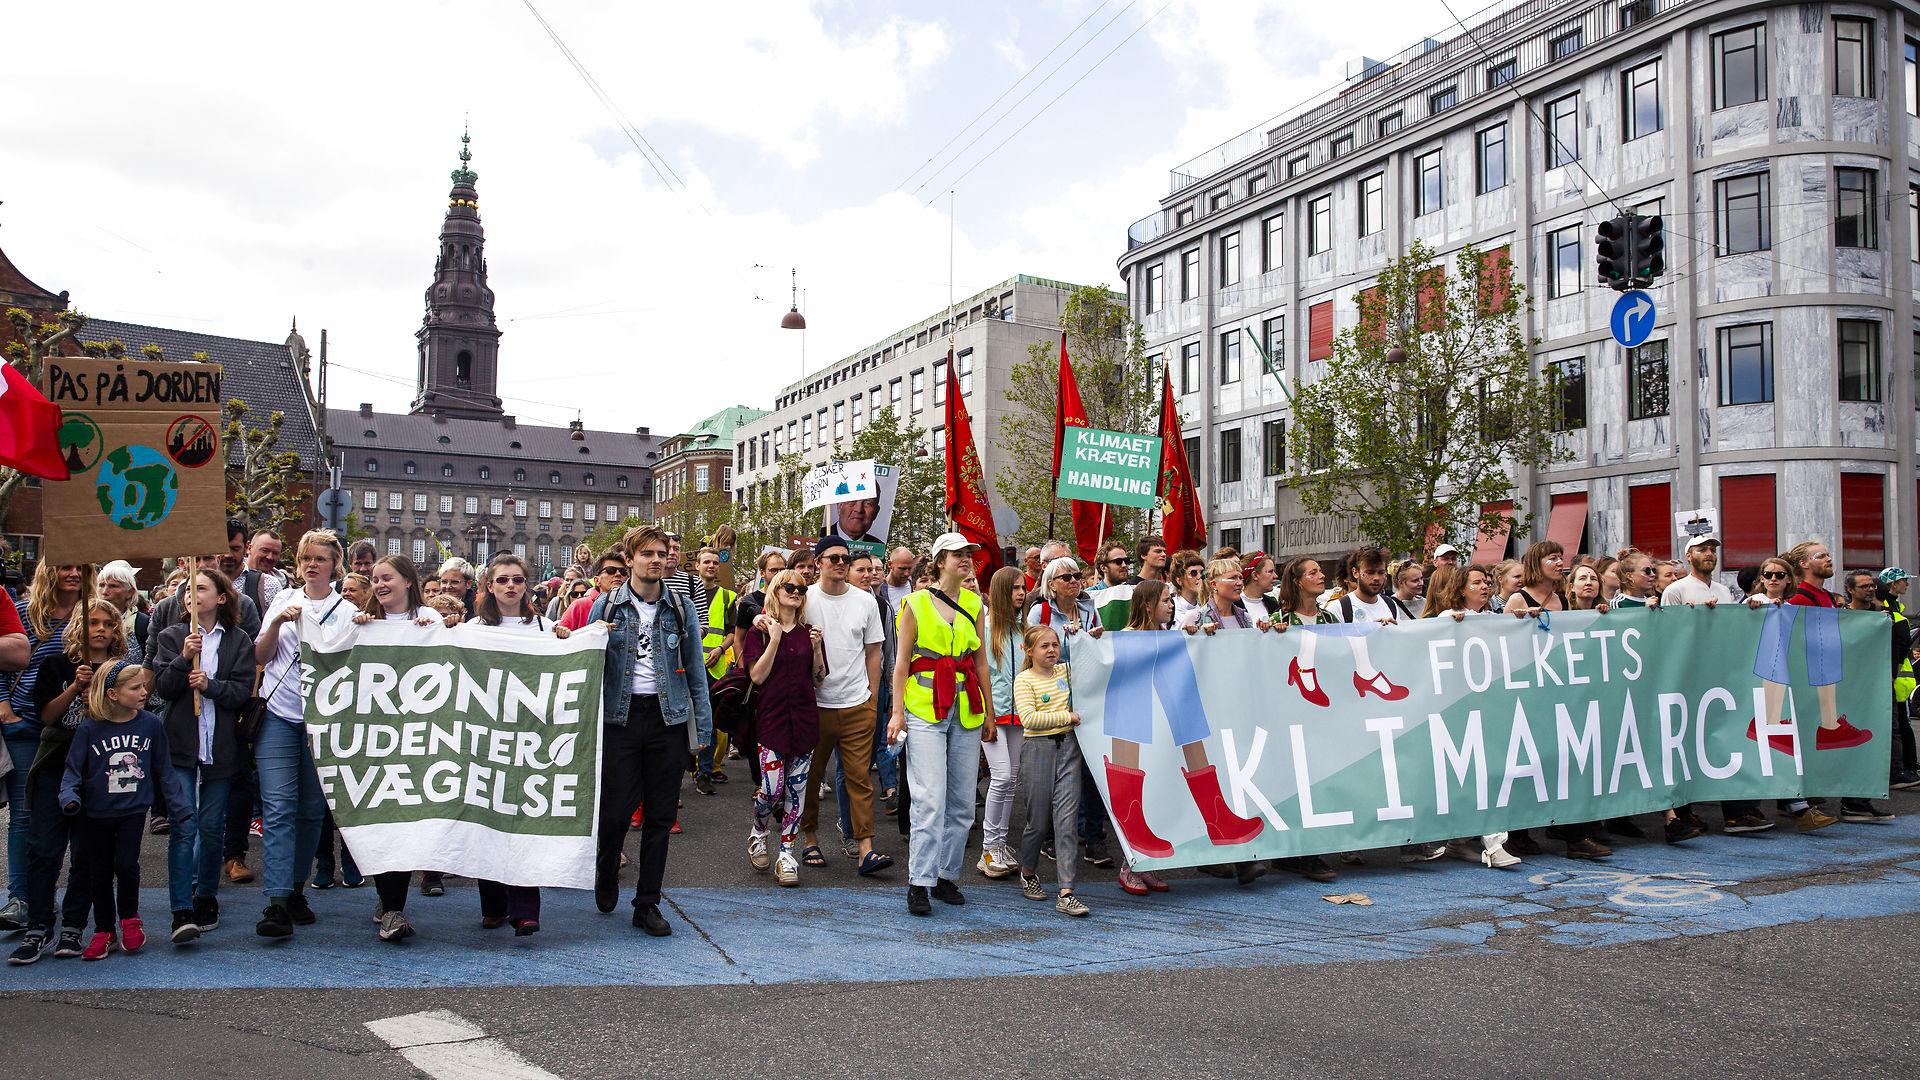 Lars Køhler:  Klimaet kræver politisk handling – og statslig regulering. Men uden folkelig forankring kommer vi ikke i mål